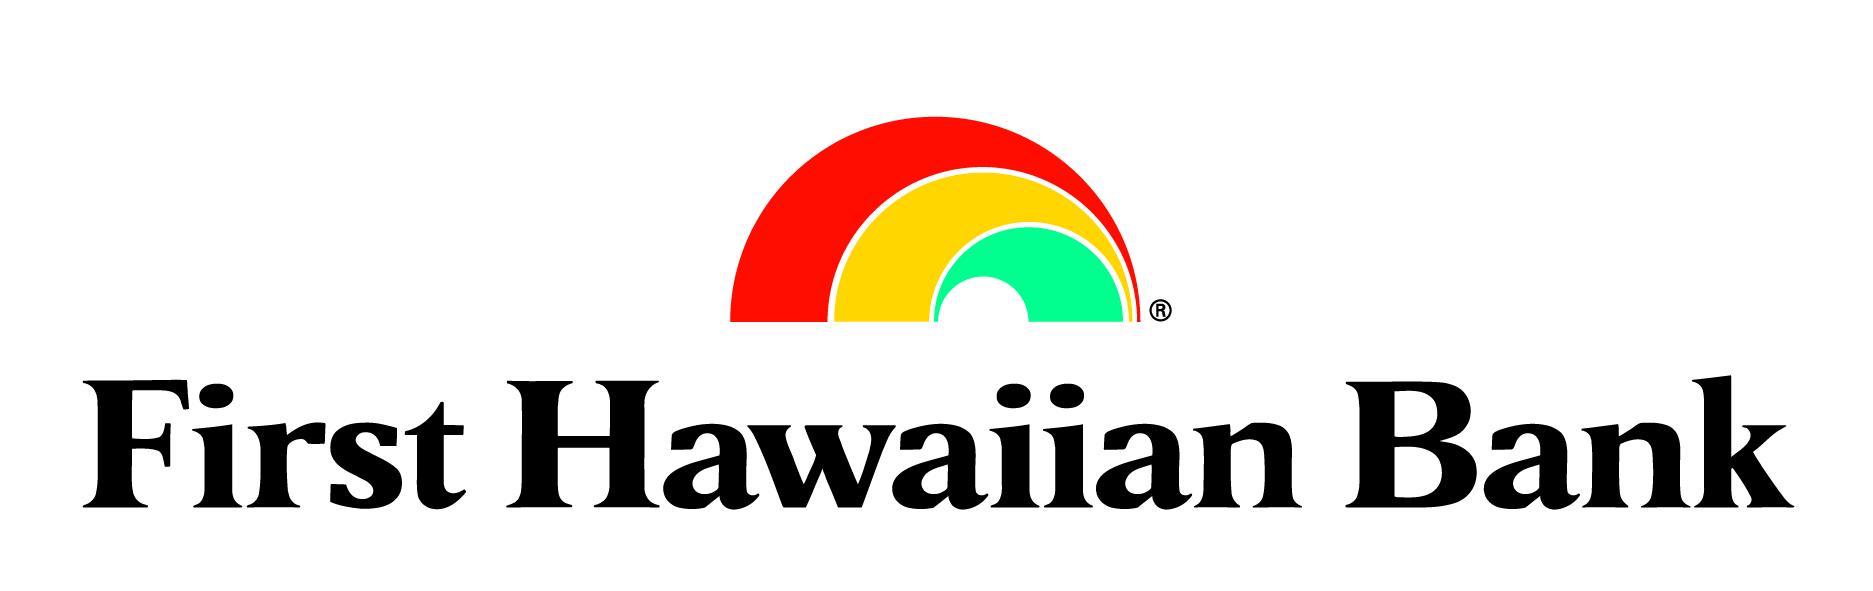 First Hawaiian Bank.jpg